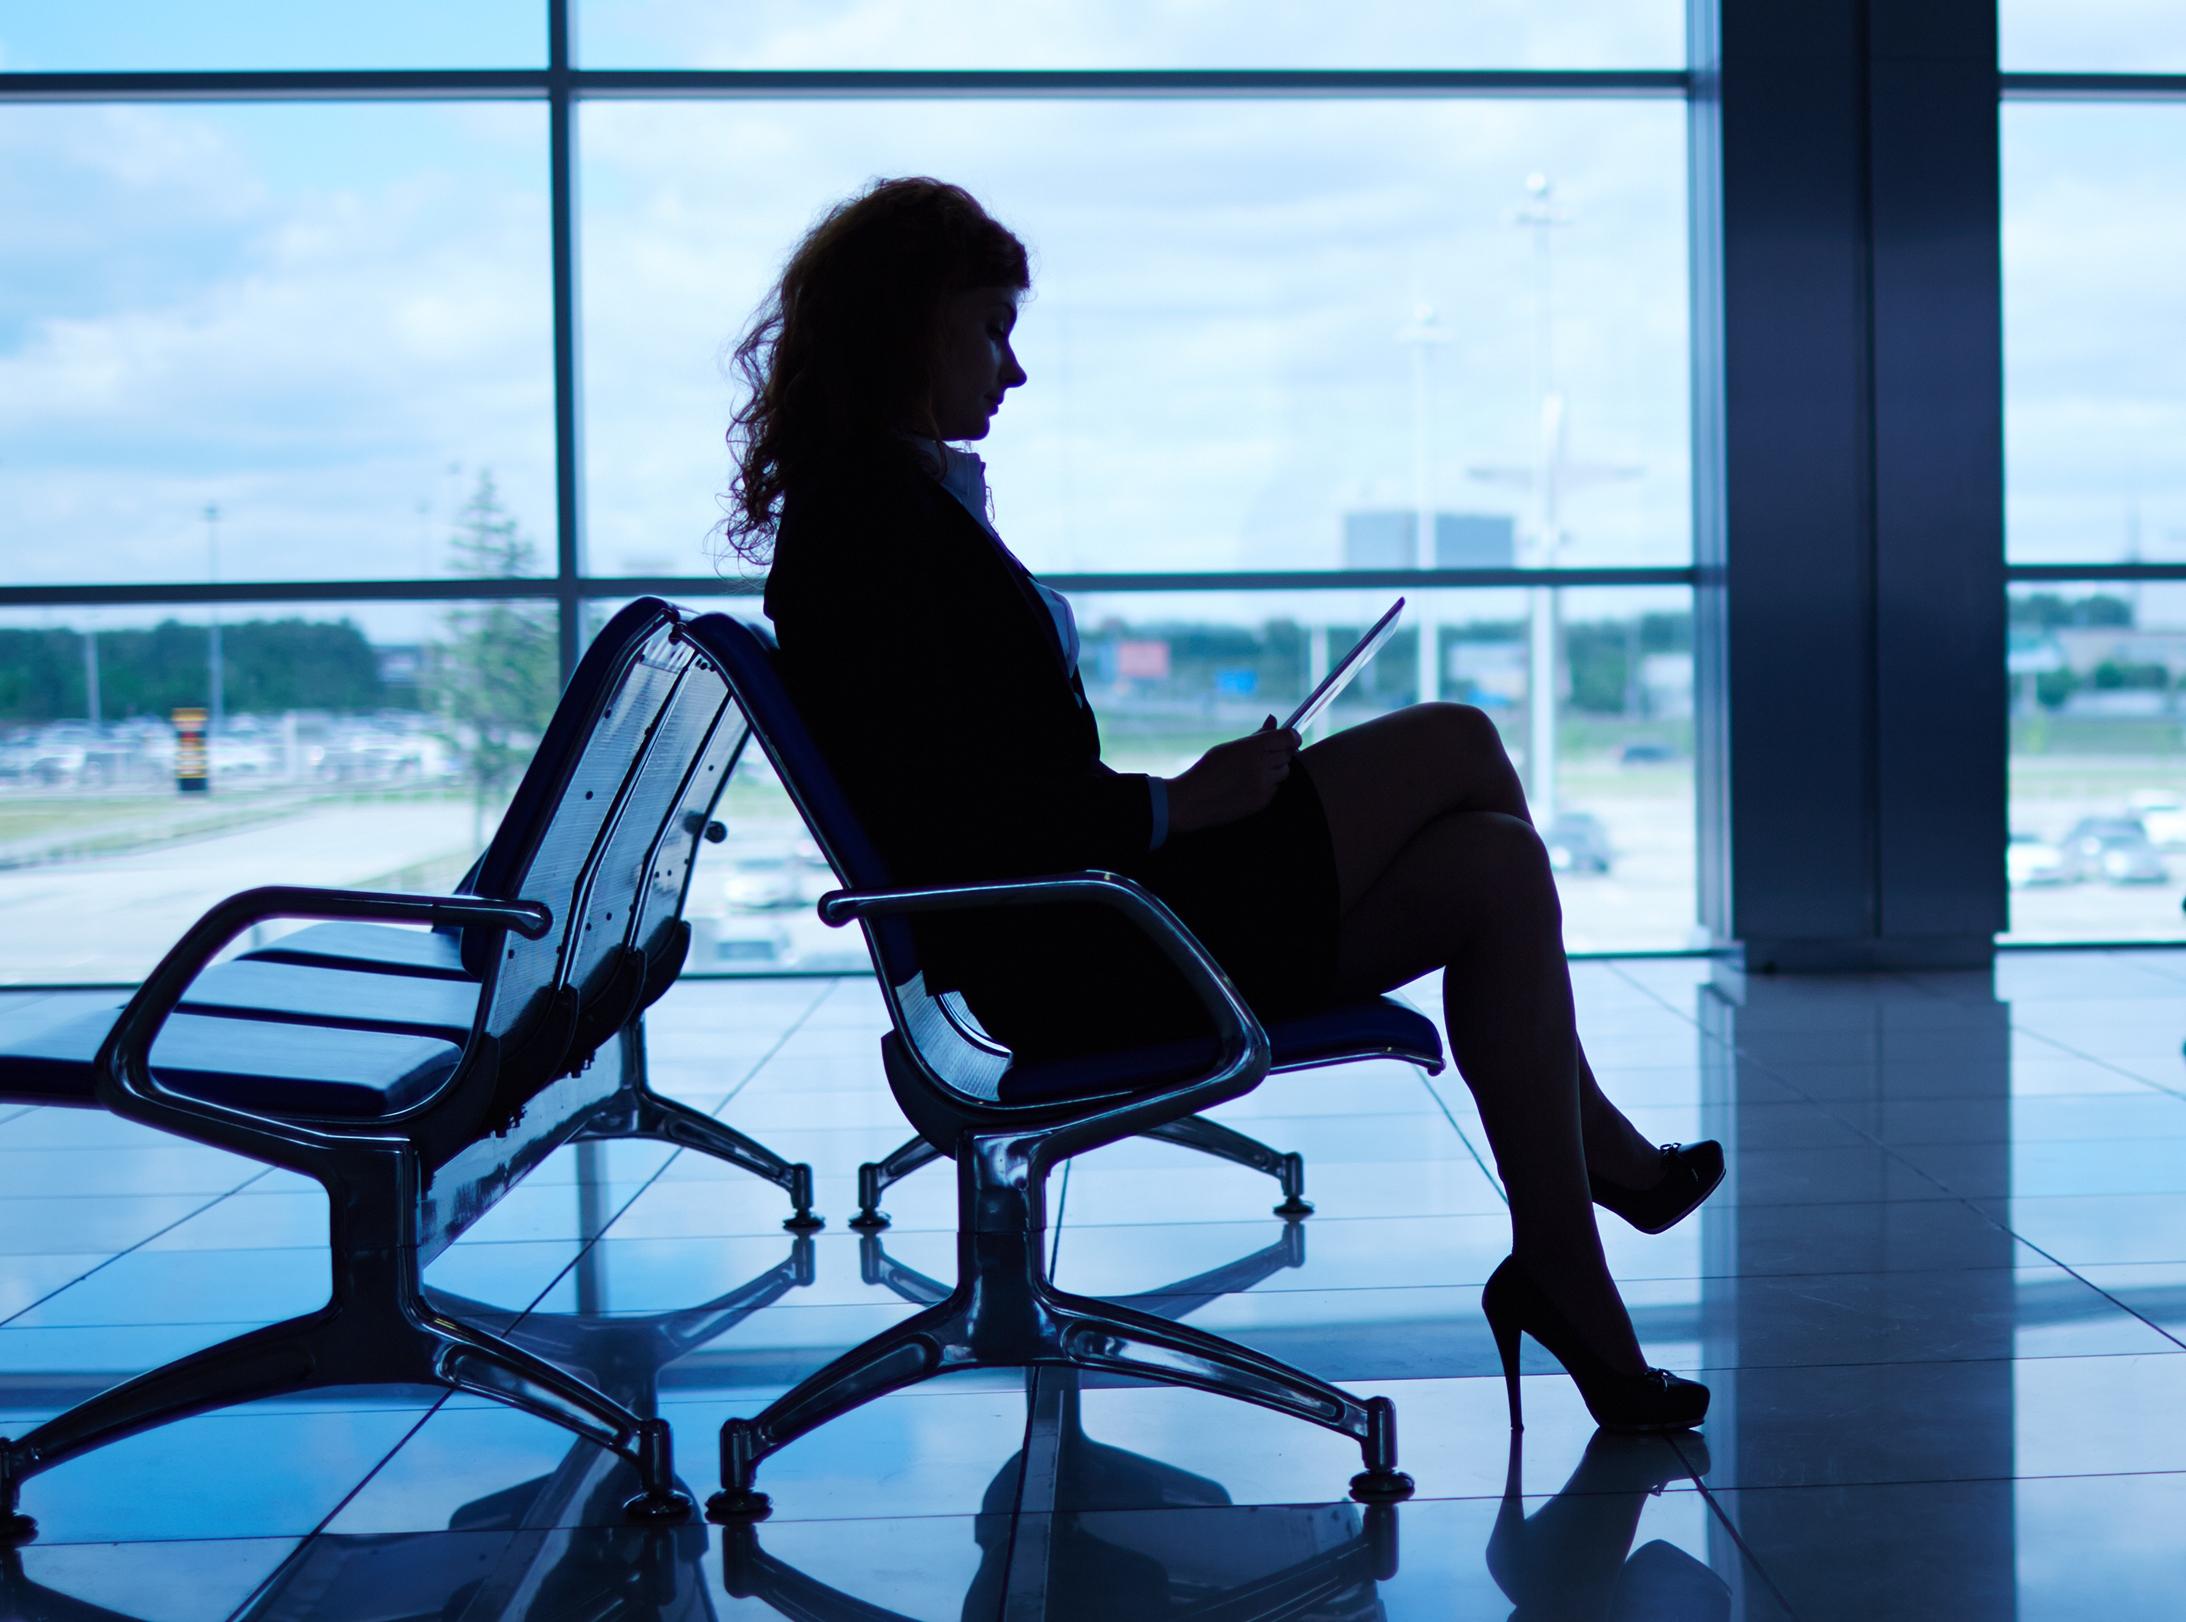 woman in airport.jpg